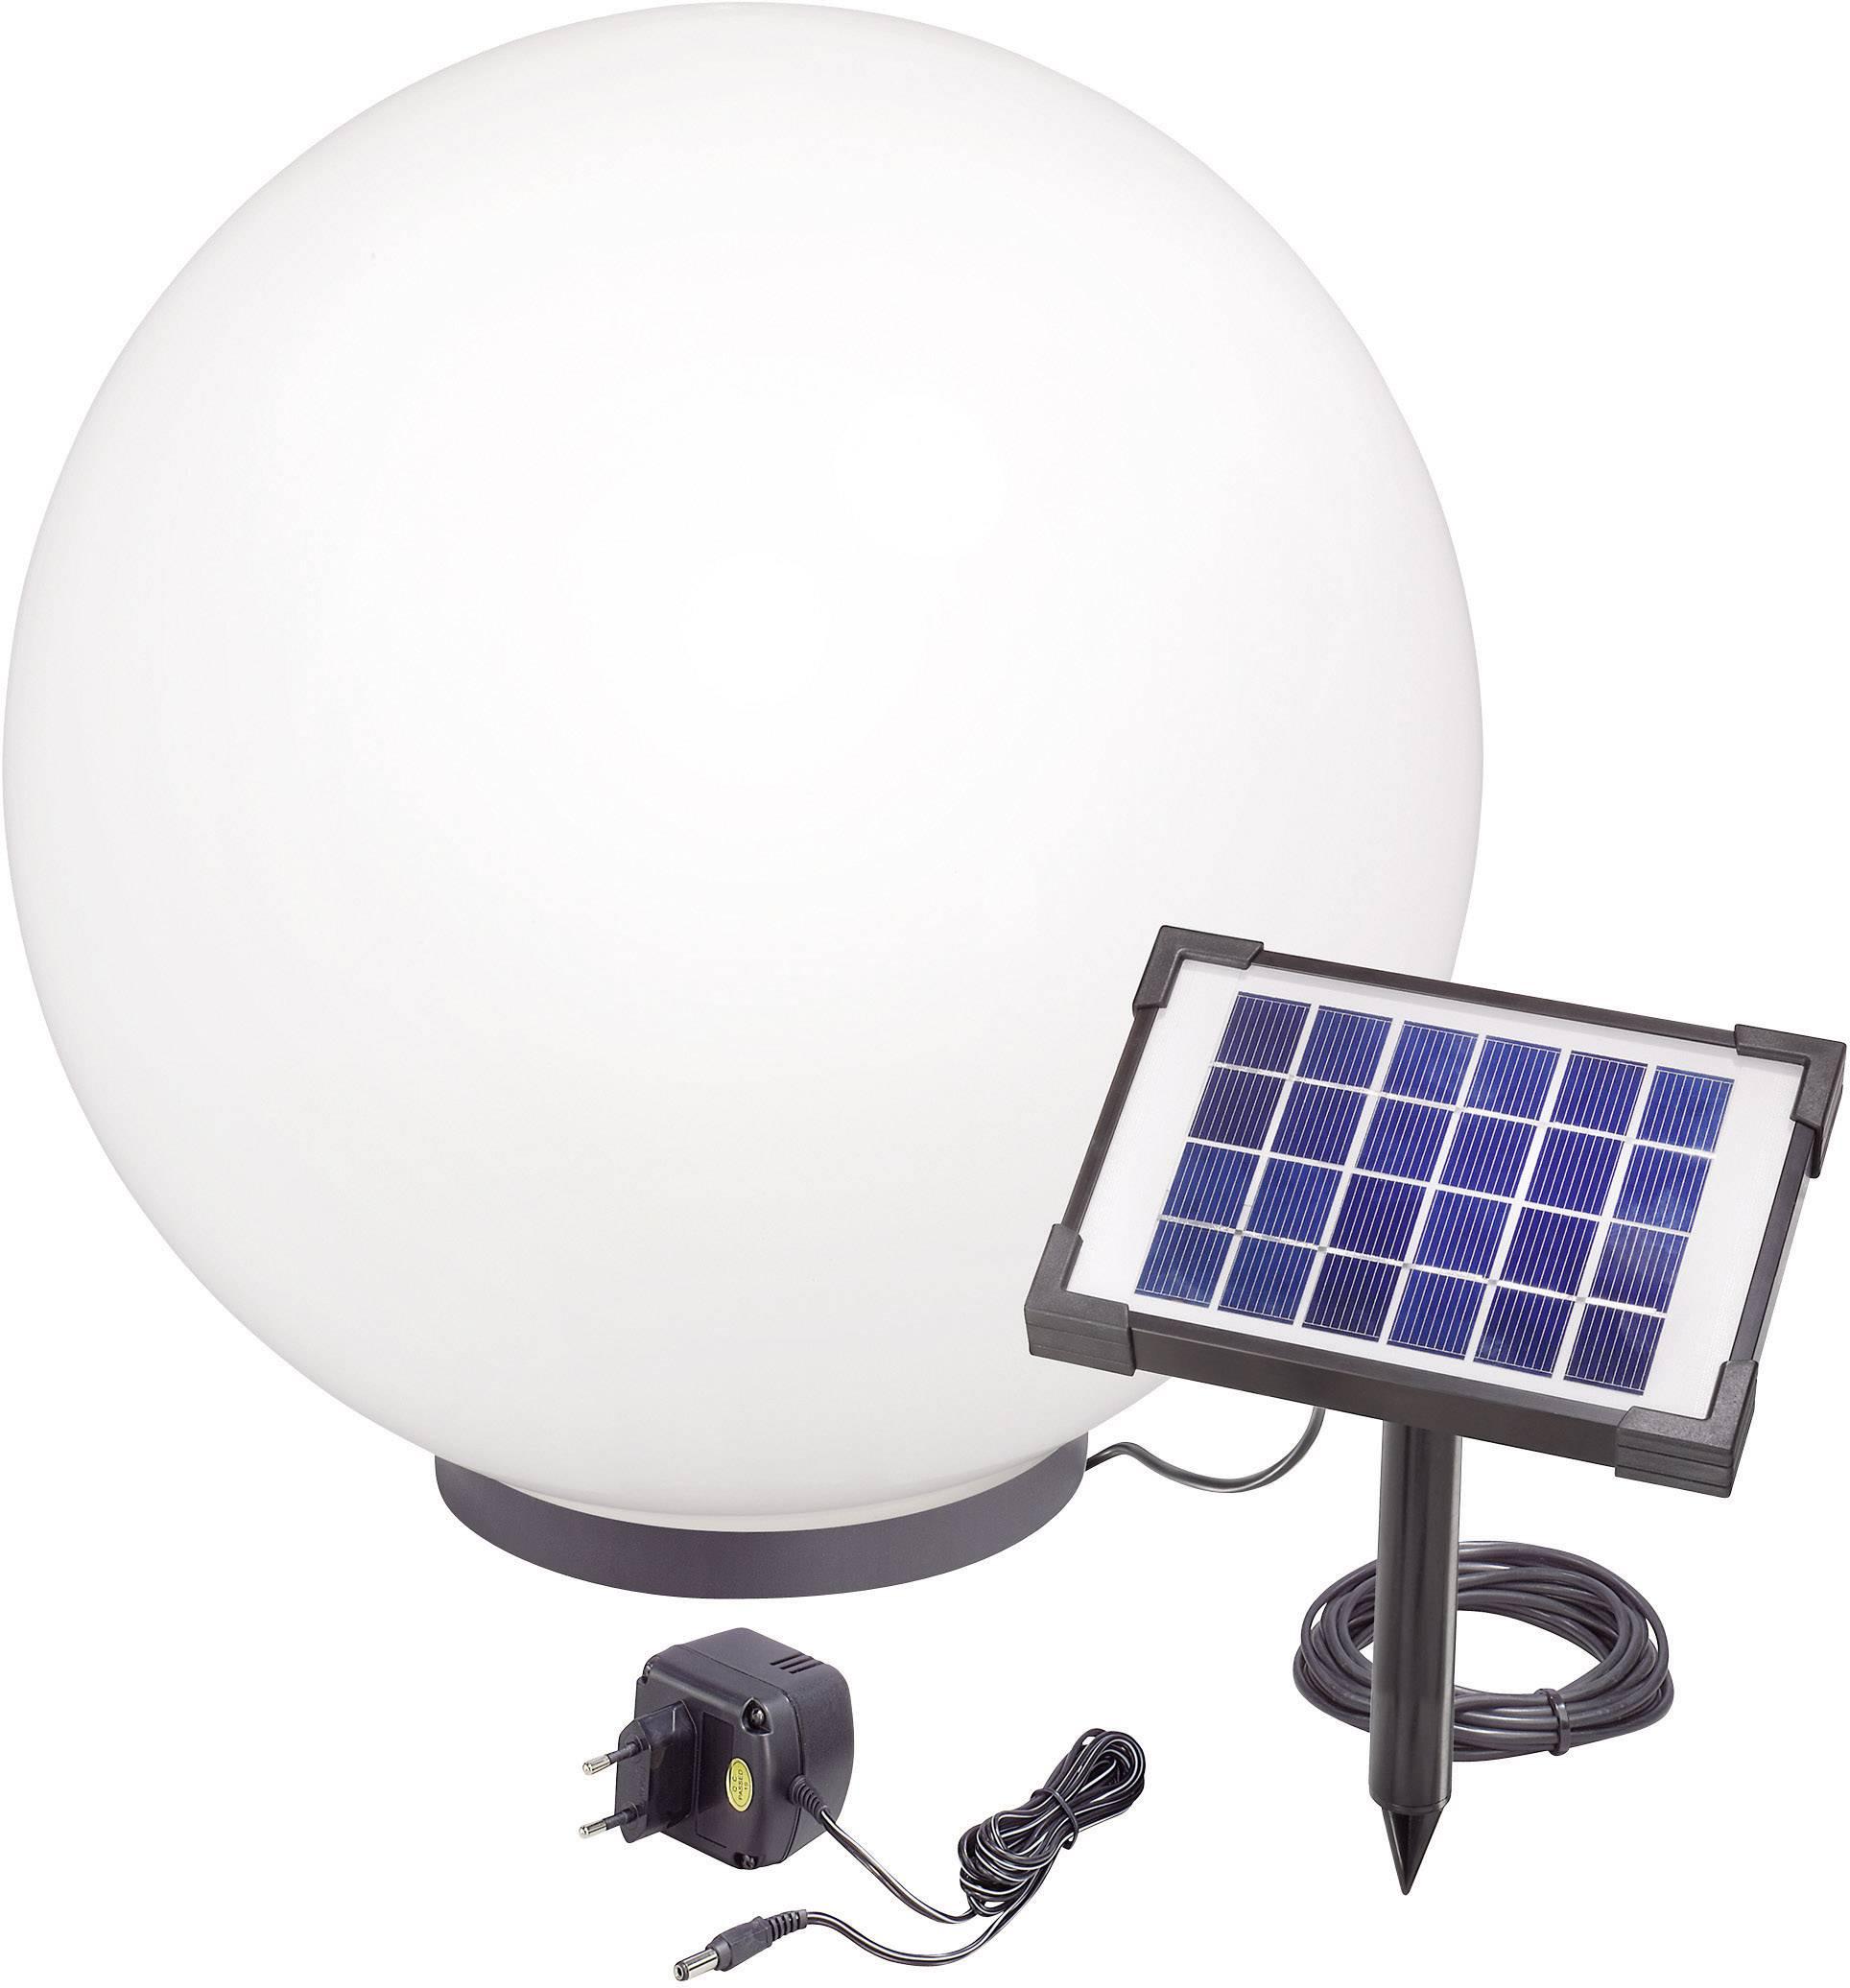 LED solárna guľa Esotec Mega 50 106040, Ø 50 cm, čierna, biela, RGB